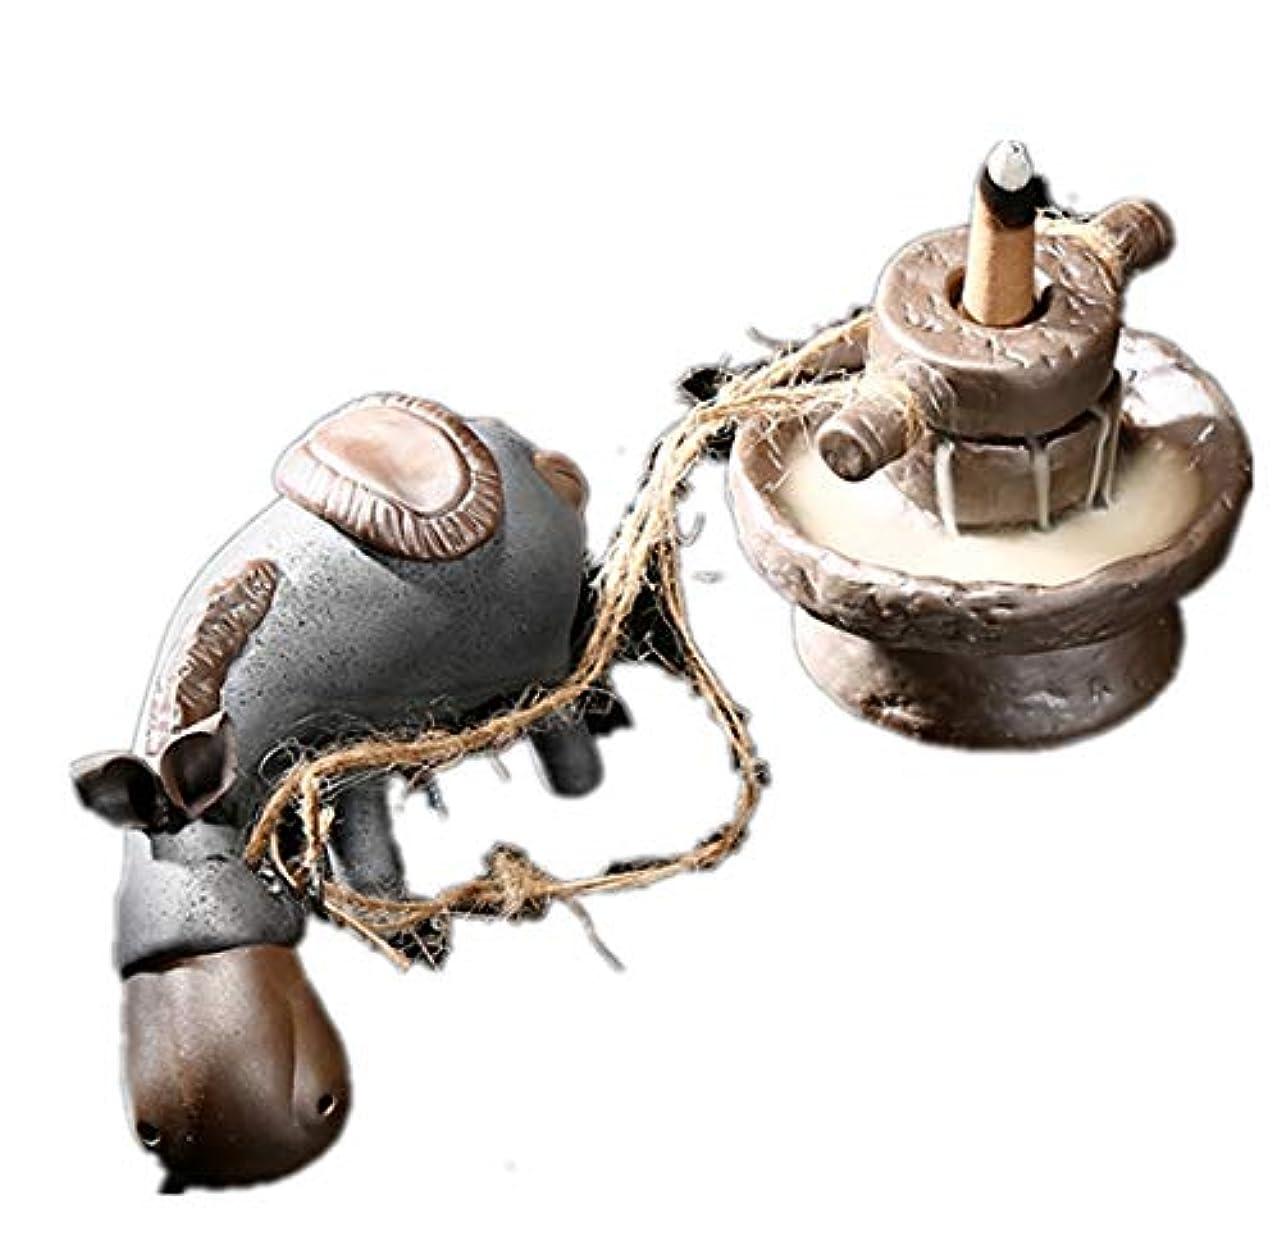 雷雨地雷原支配するXPPXPP Reflux Incense Burner, Ceramic Incense Burner, With 10pcs Reflux Cone, Suitable For Home Decoration